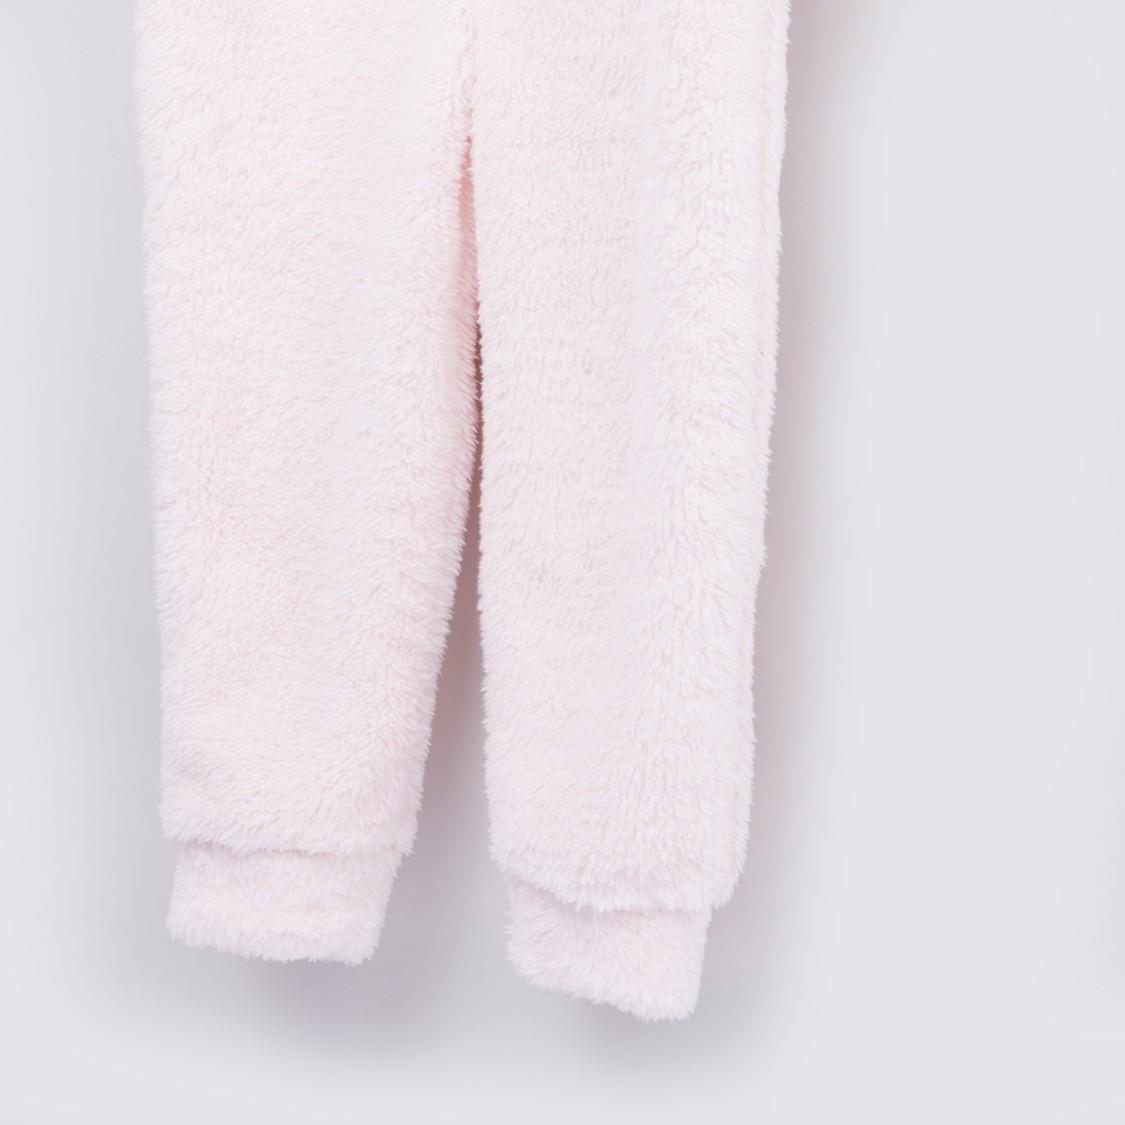 بدلة نوم بارزة الملمس بقبّعة وأكمام طويلة - تشكيلة كوزي